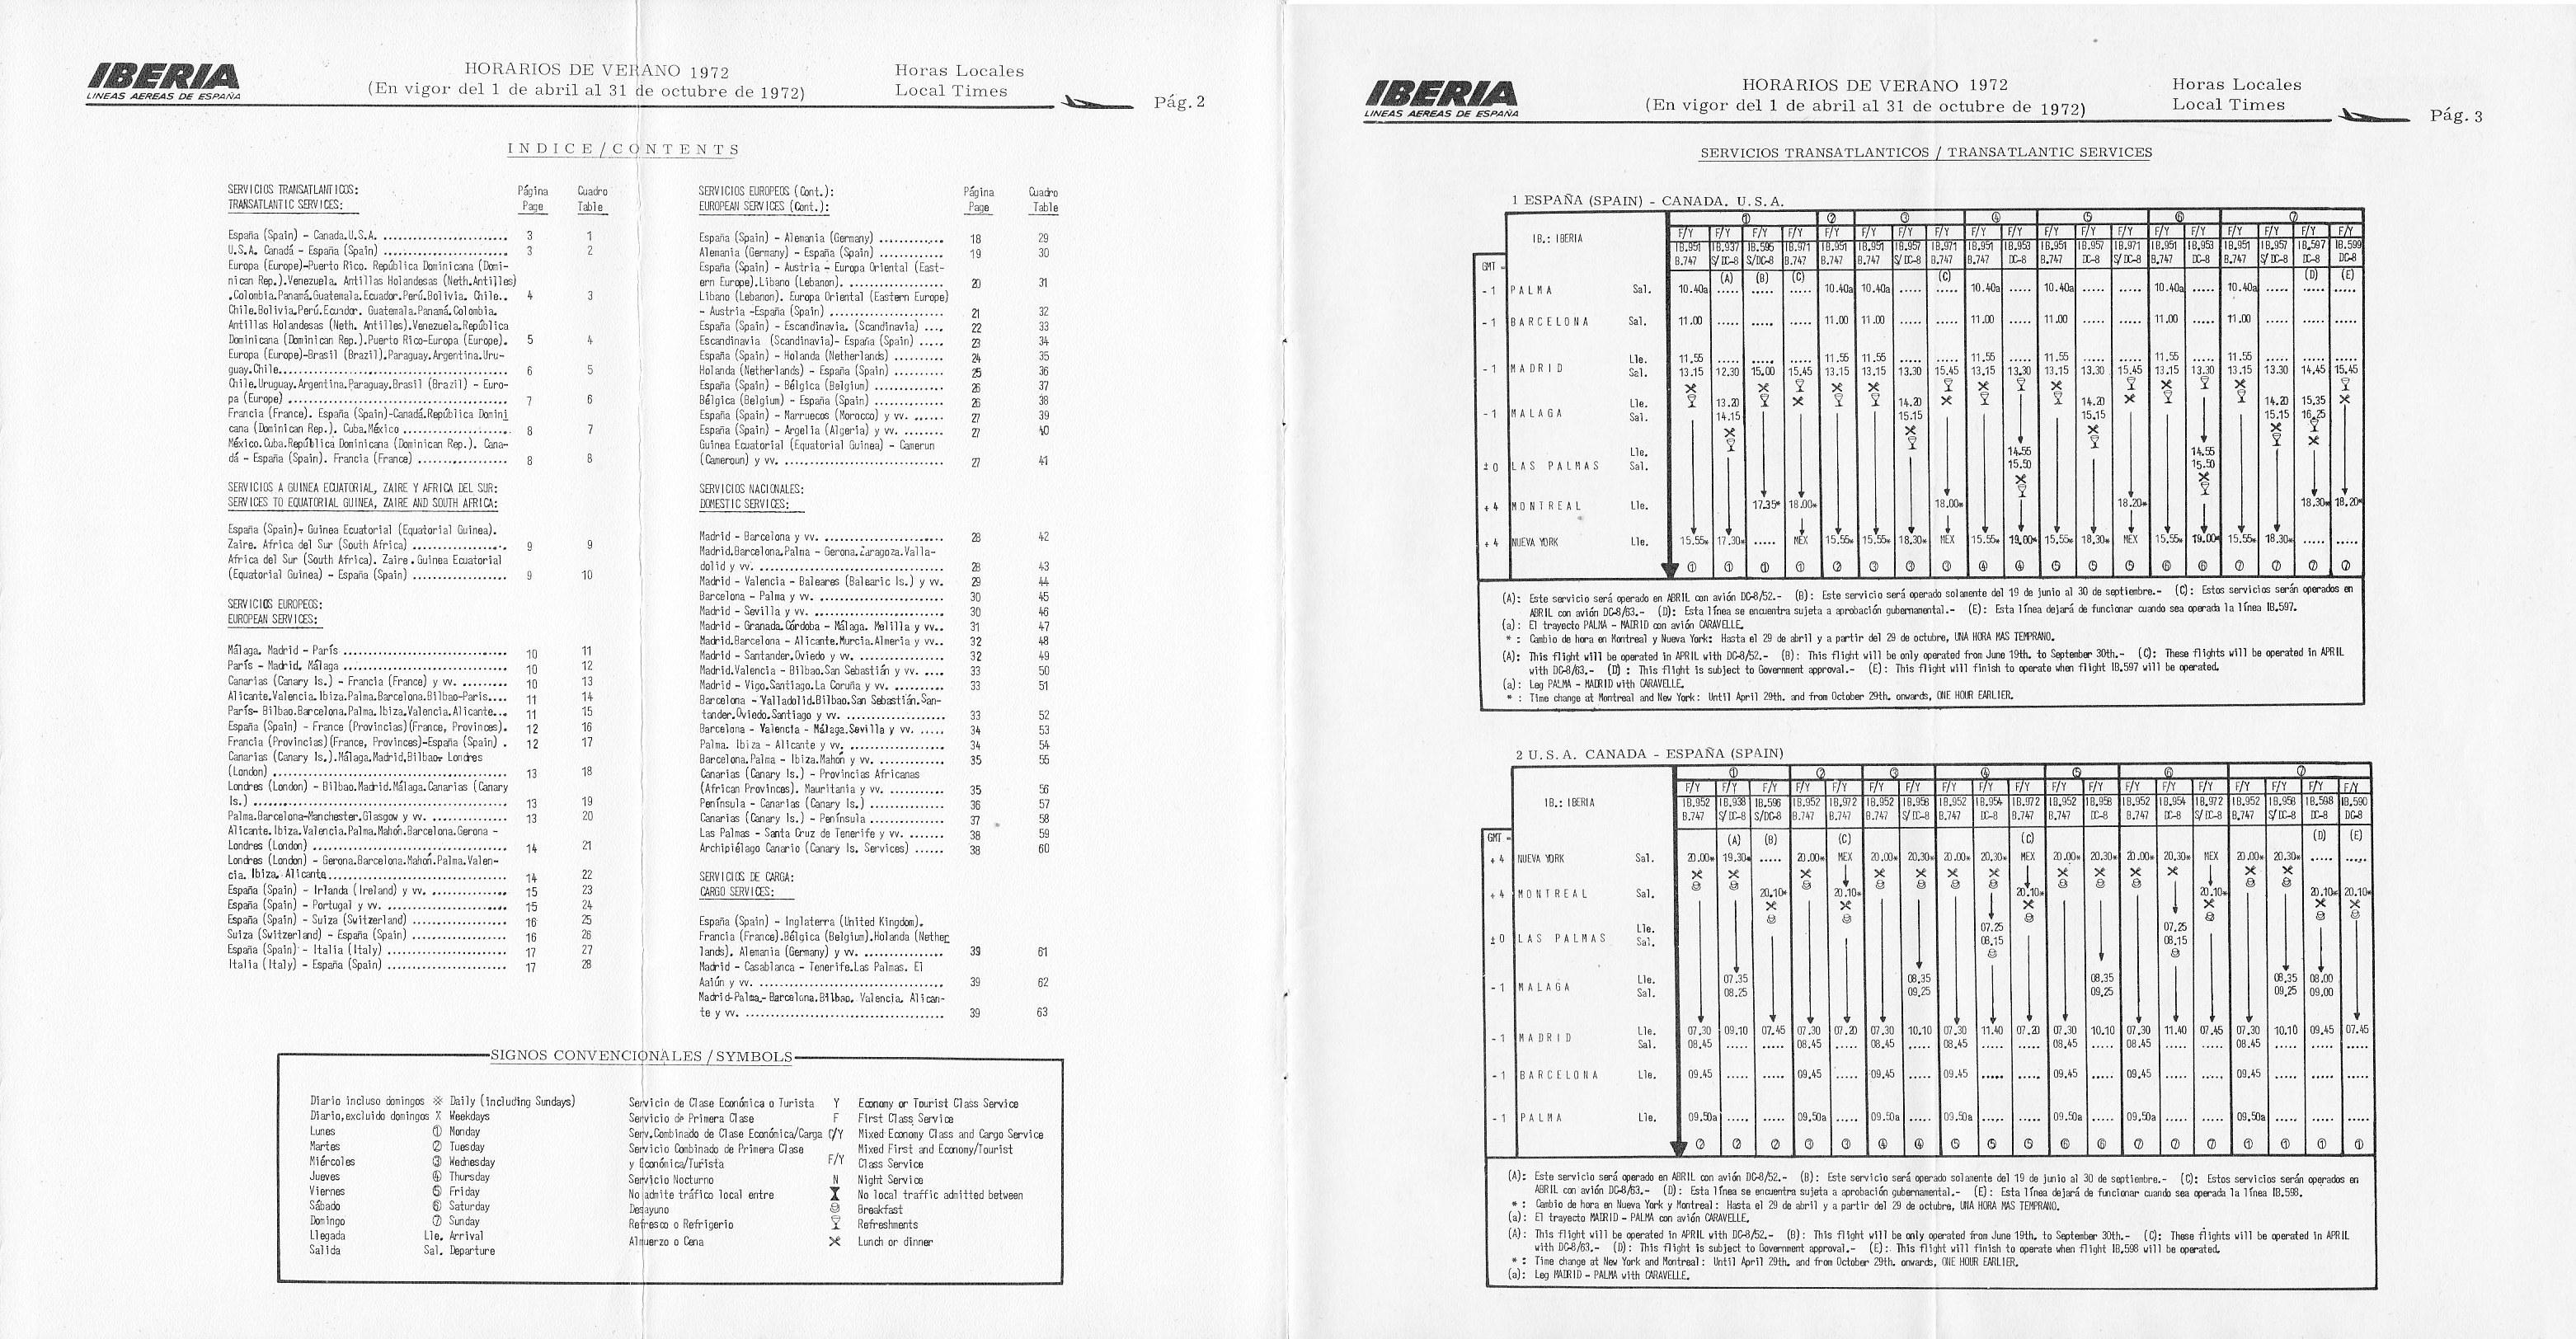 Índice de la Tabla de horarios de Iberia para el verano de 1972. Horarios y vuelos a Estados Unidos y Canadá.